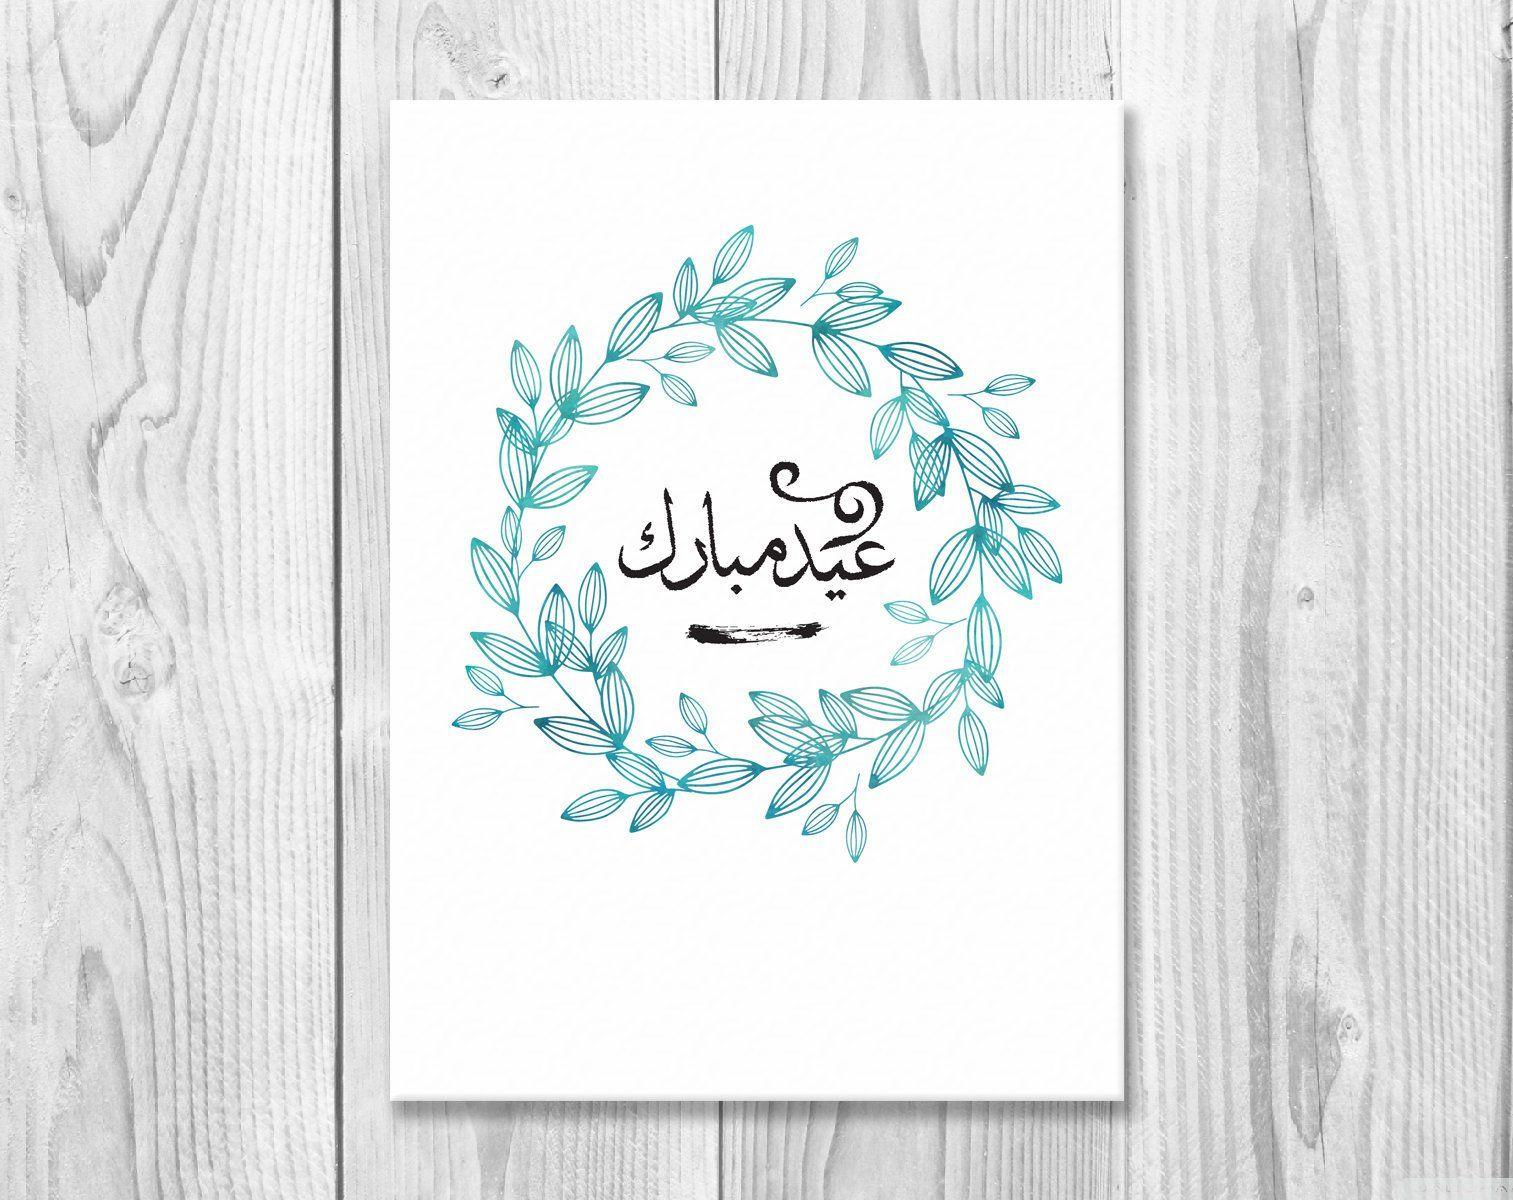 Eid Mubarak Card Eid Greeting Card Happy Eid Card Islamic Cards Muslim Cards Islamic Gree Eid Greetings Eid Mubarak Greeting Cards Eid Greeting Cards